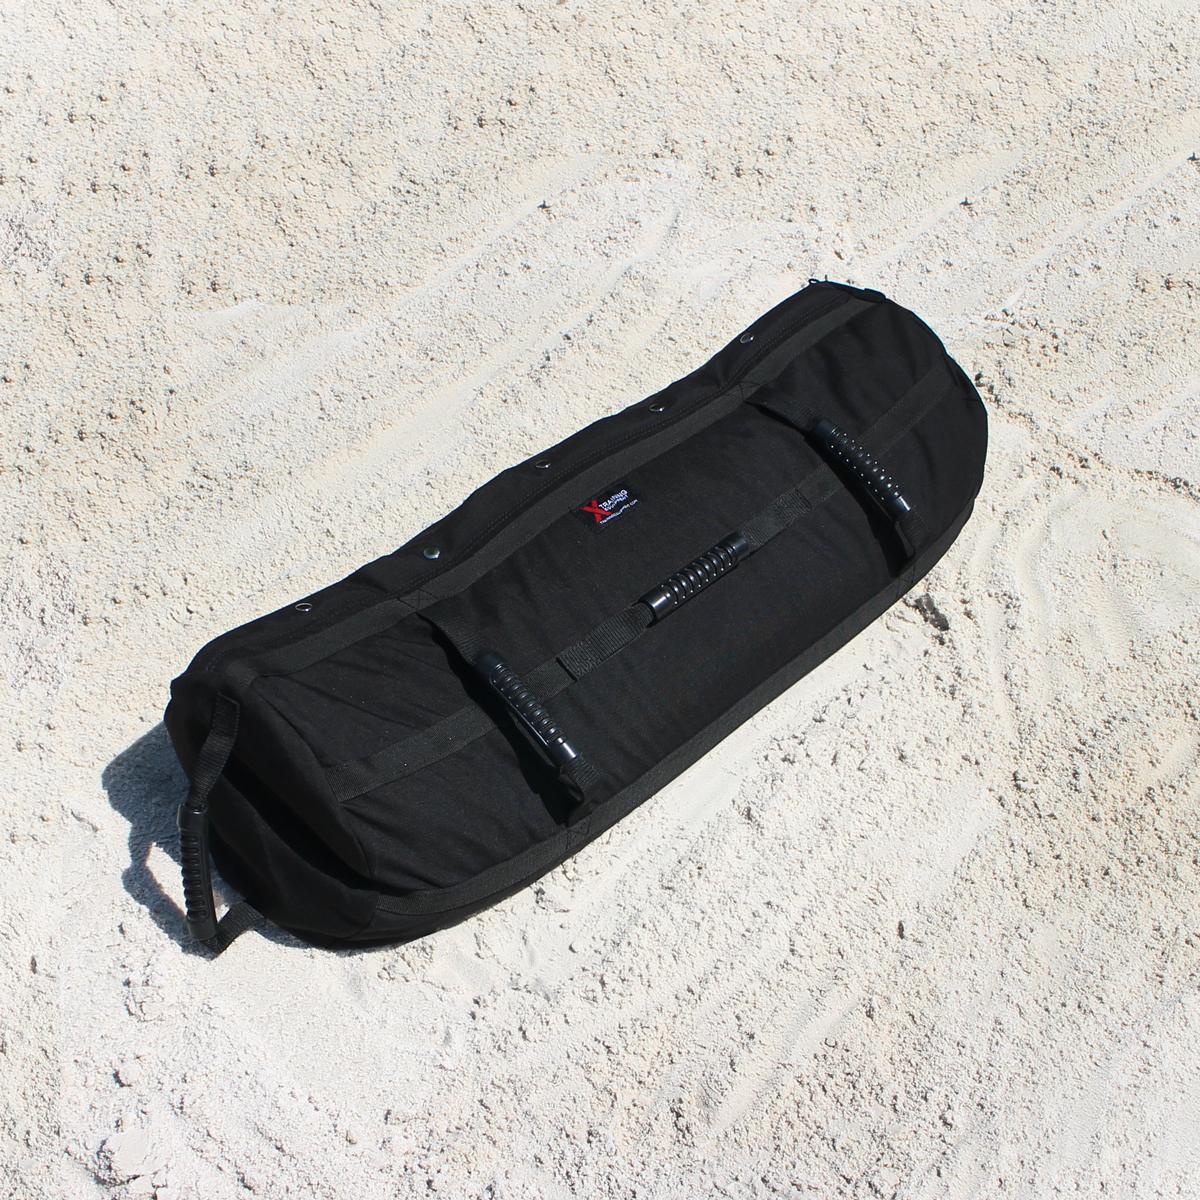 Heavy-Duty Sandbags